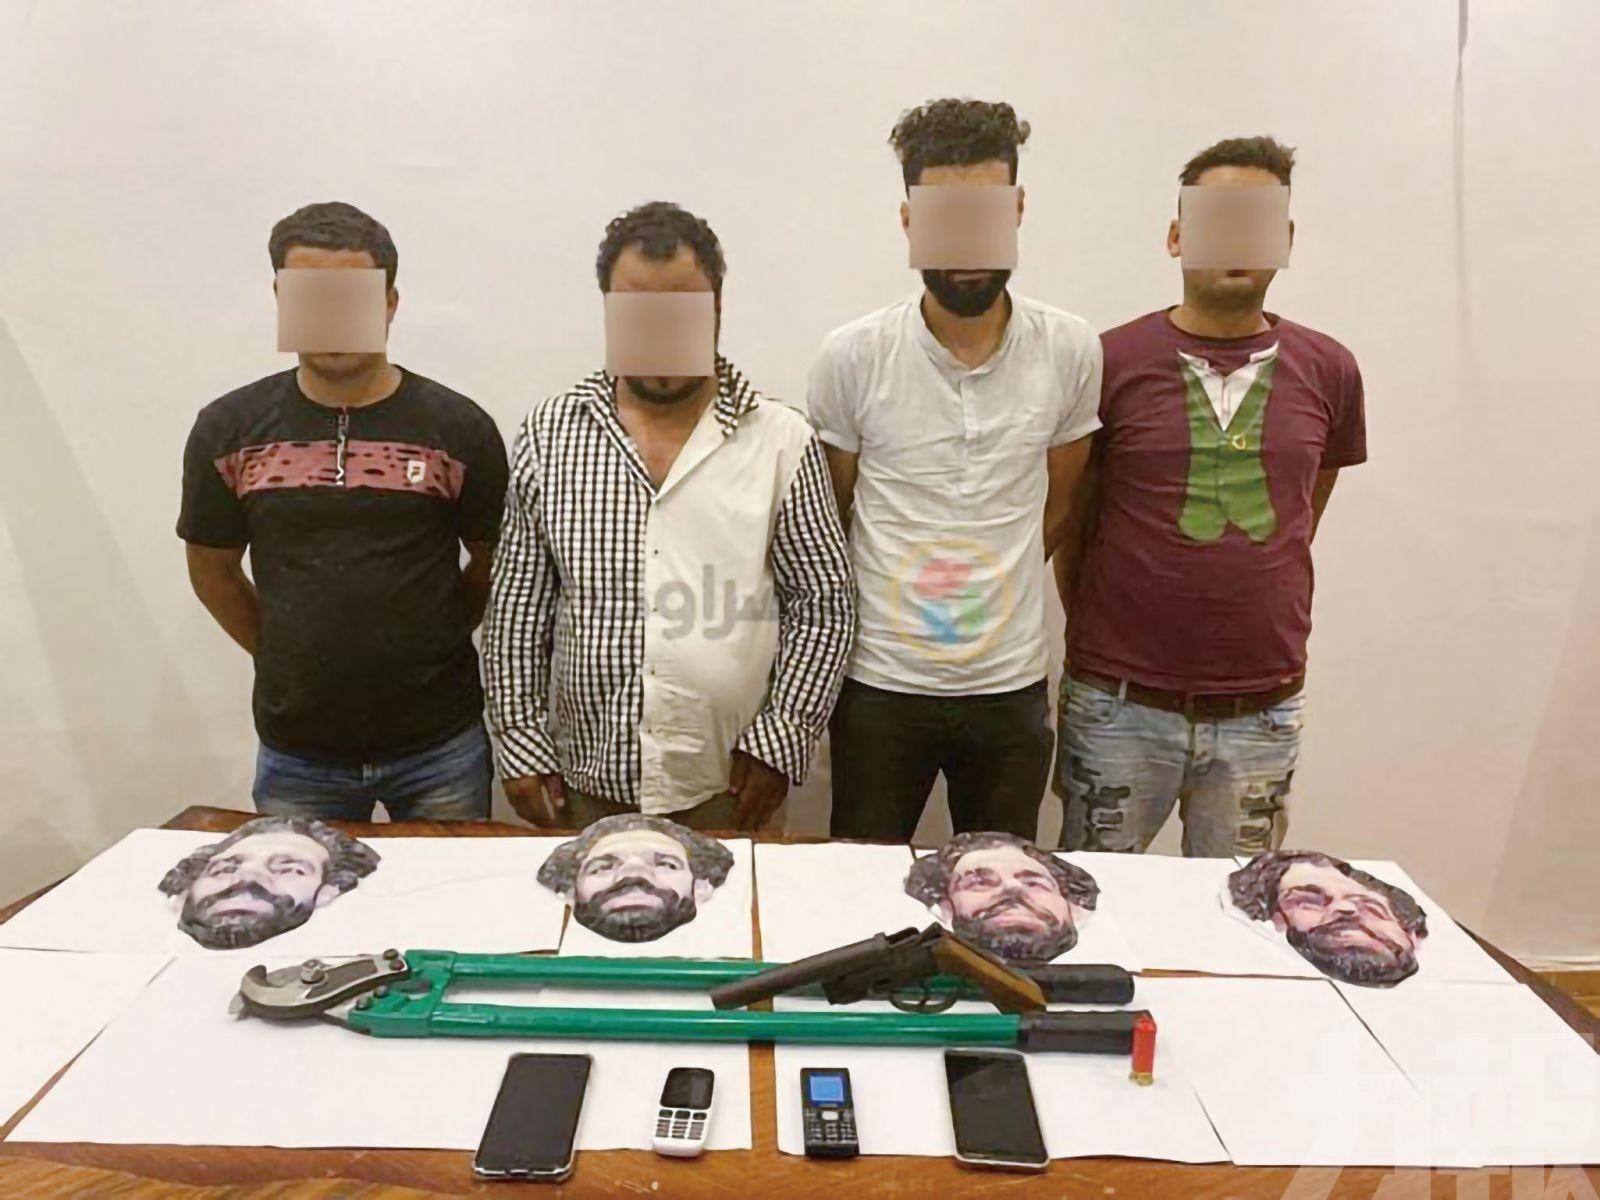 埃及賊人戴沙拿面具犯案被捕